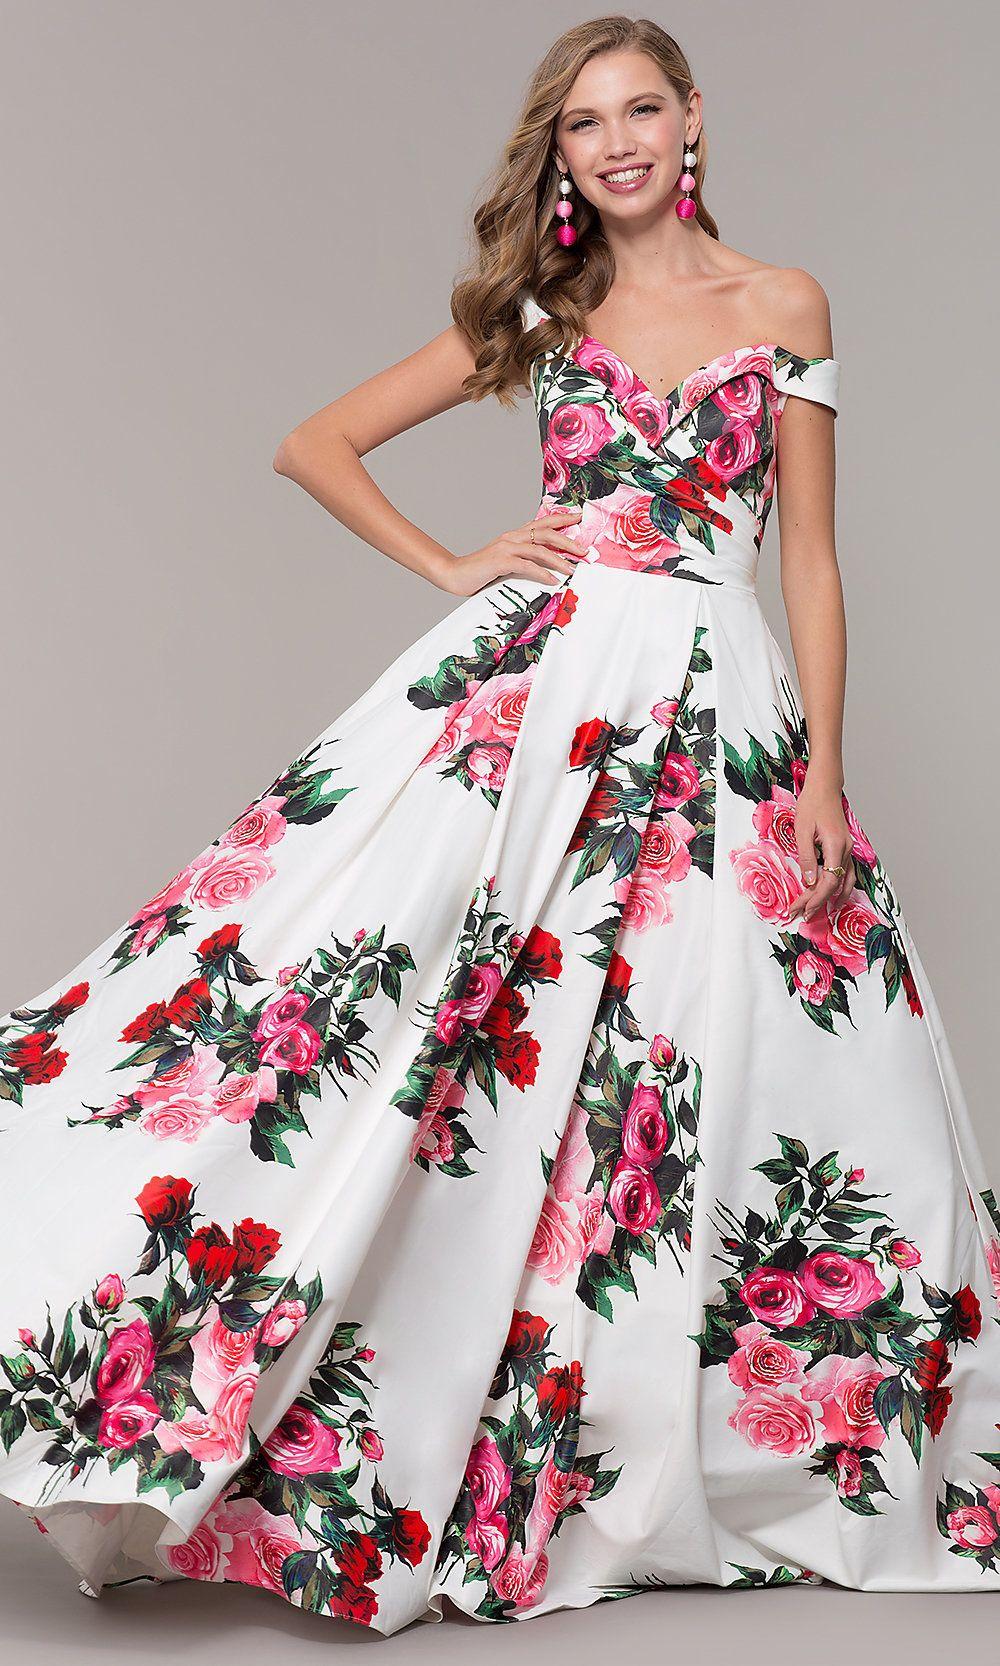 a49037429d2 Floral-Print Off-Shoulder JVN by Jovani Prom Dress in 2019